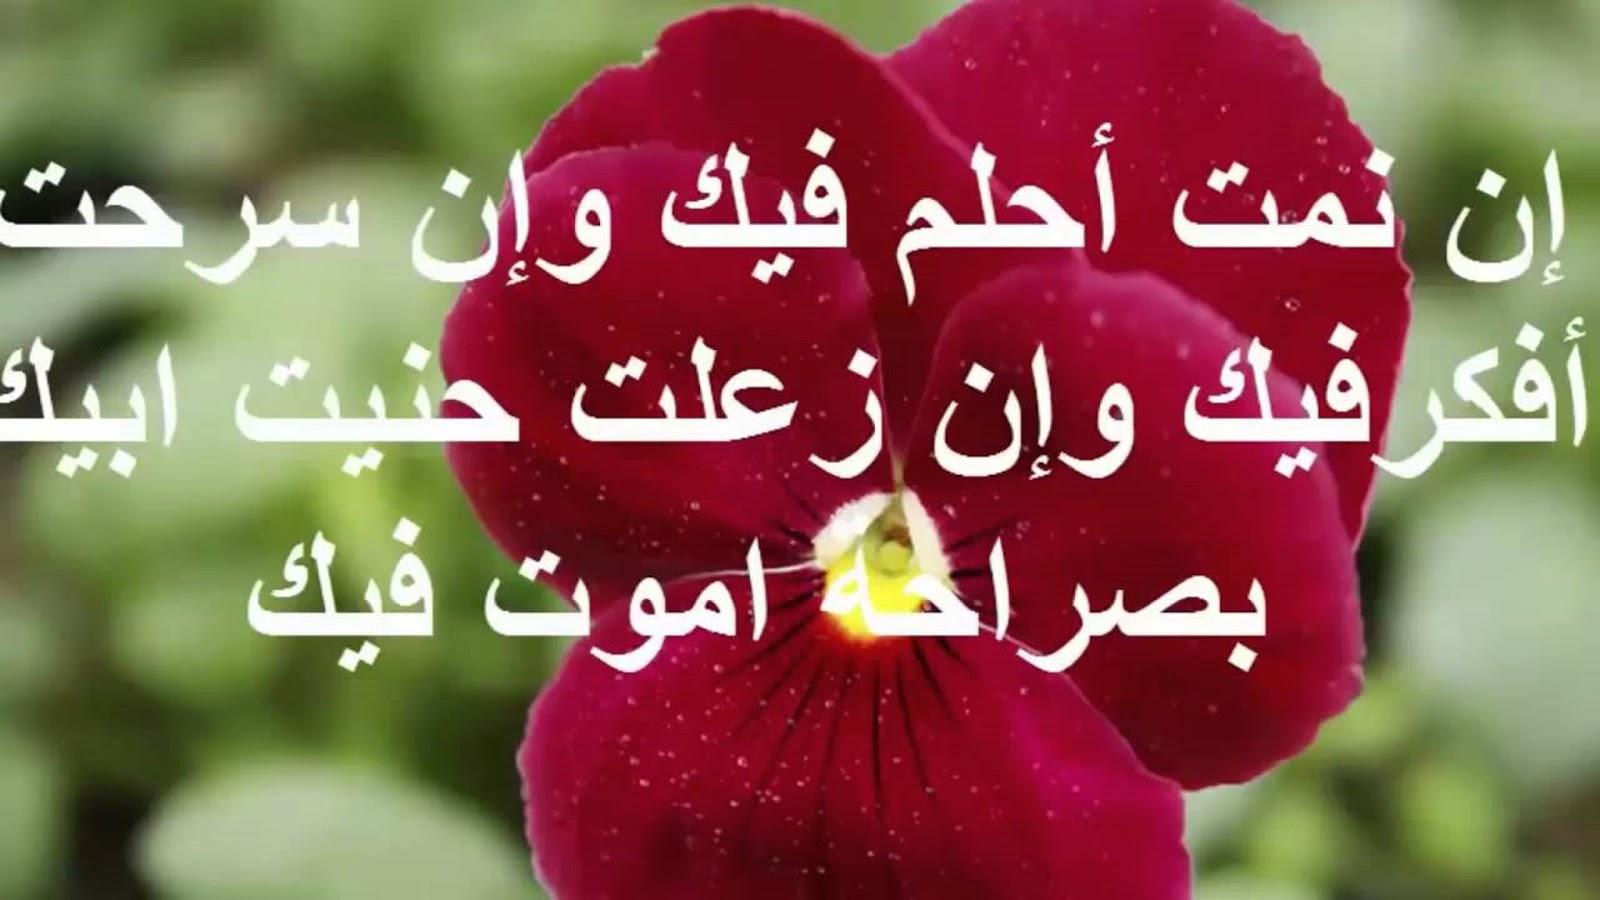 بالصور كلمات شوق للحبيب , اروع عبارت اشواق للحبيب 4954 1